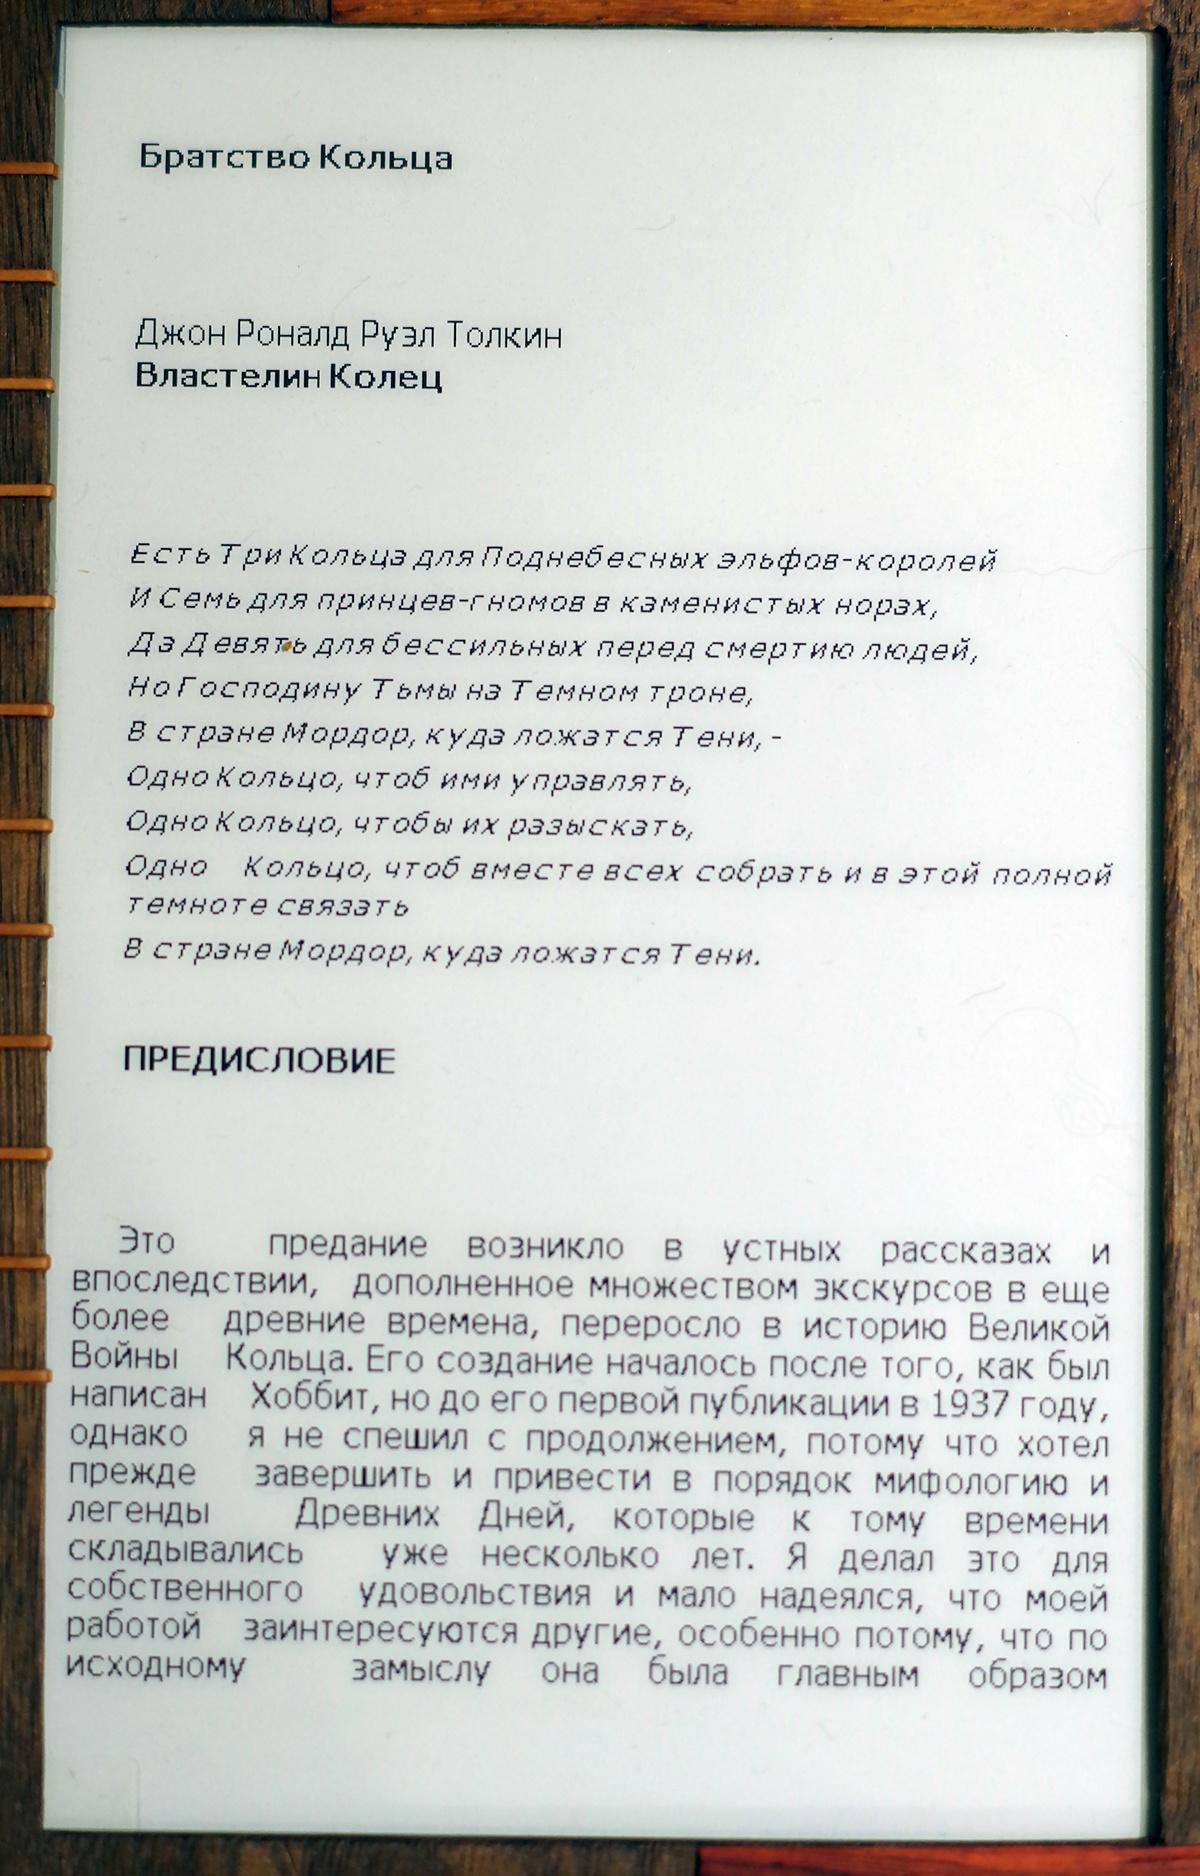 Электронная книга своими руками на STM32H750 от А до Э - 21